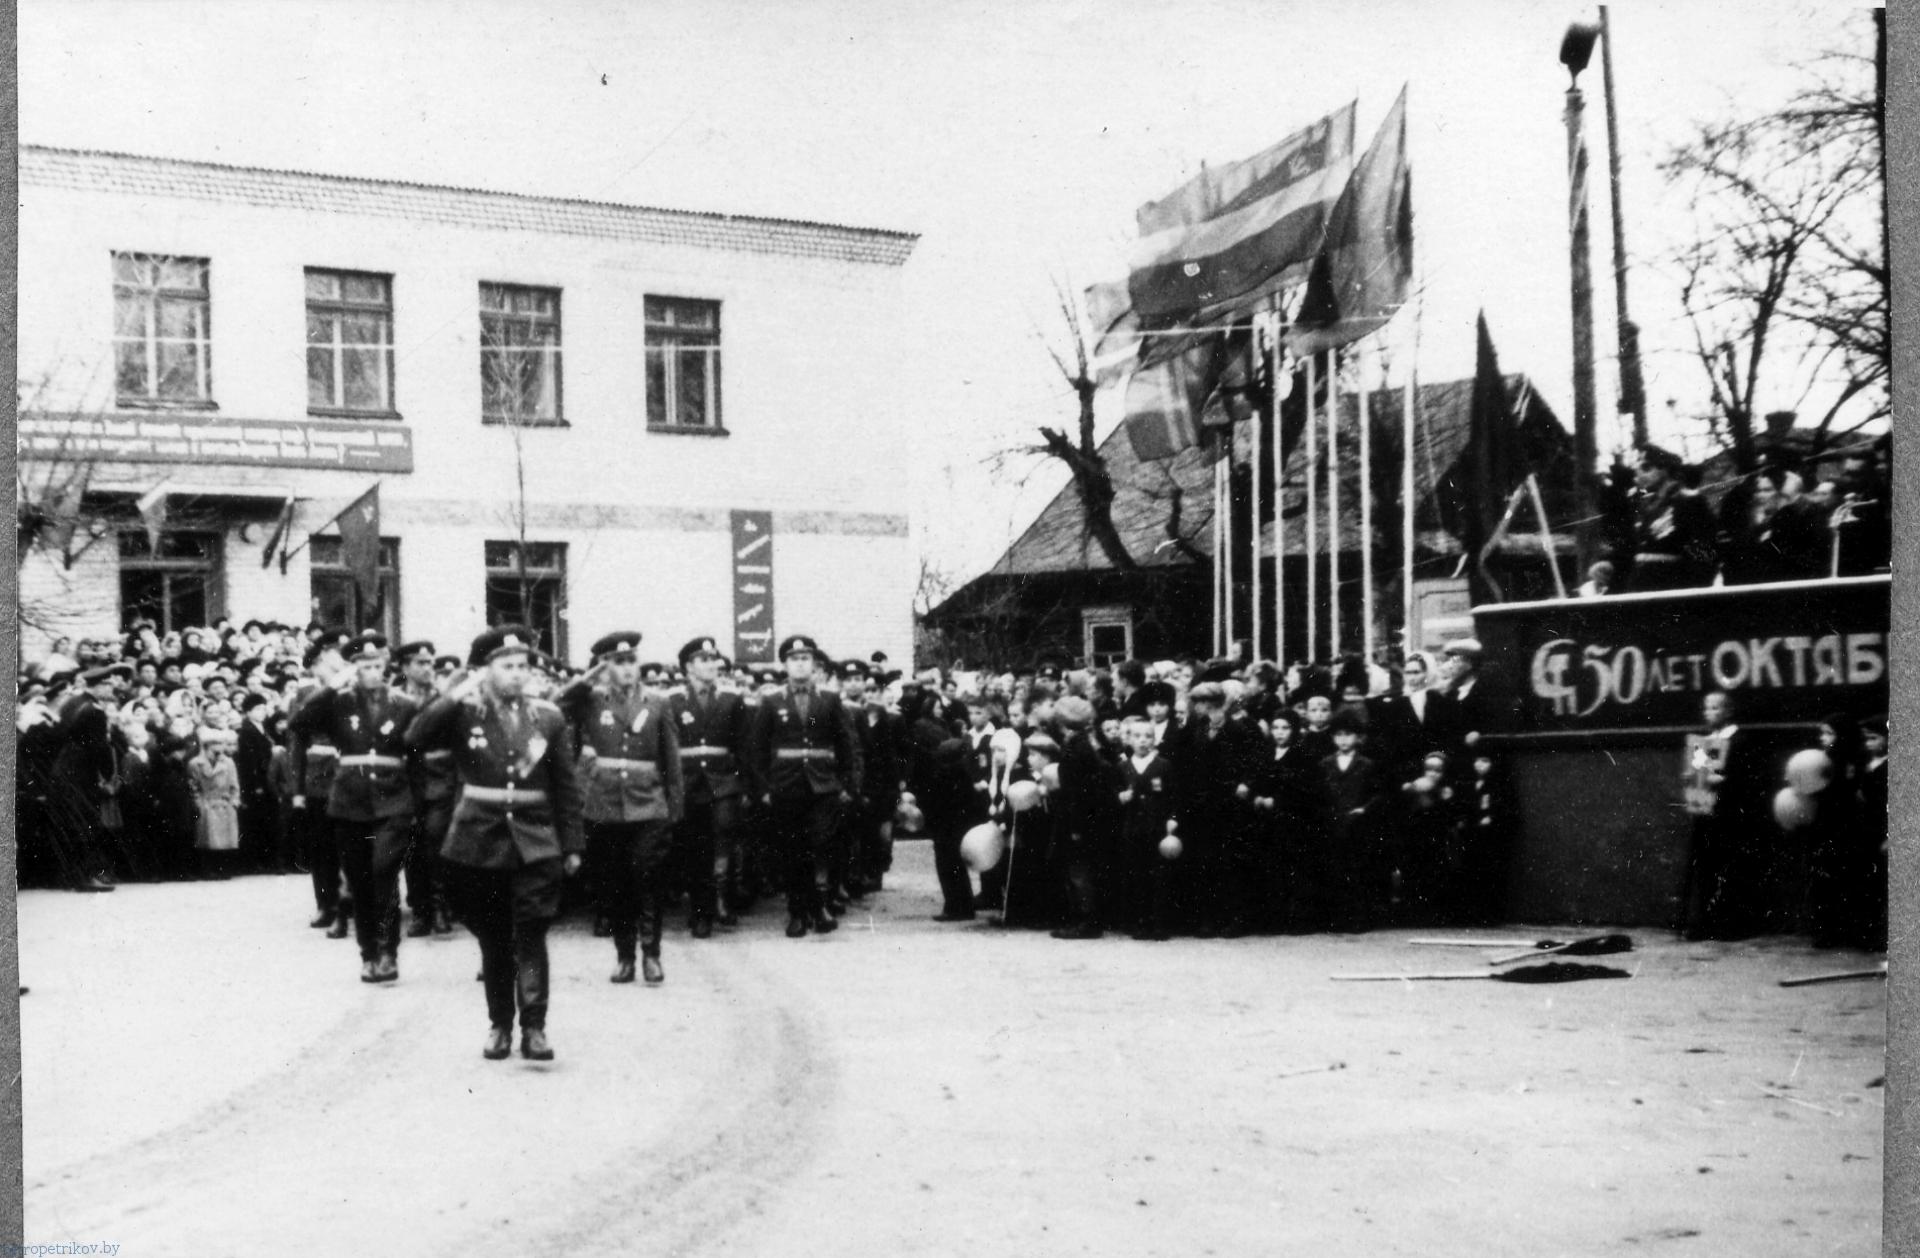 картинка ракетчики на параде в Петрикове